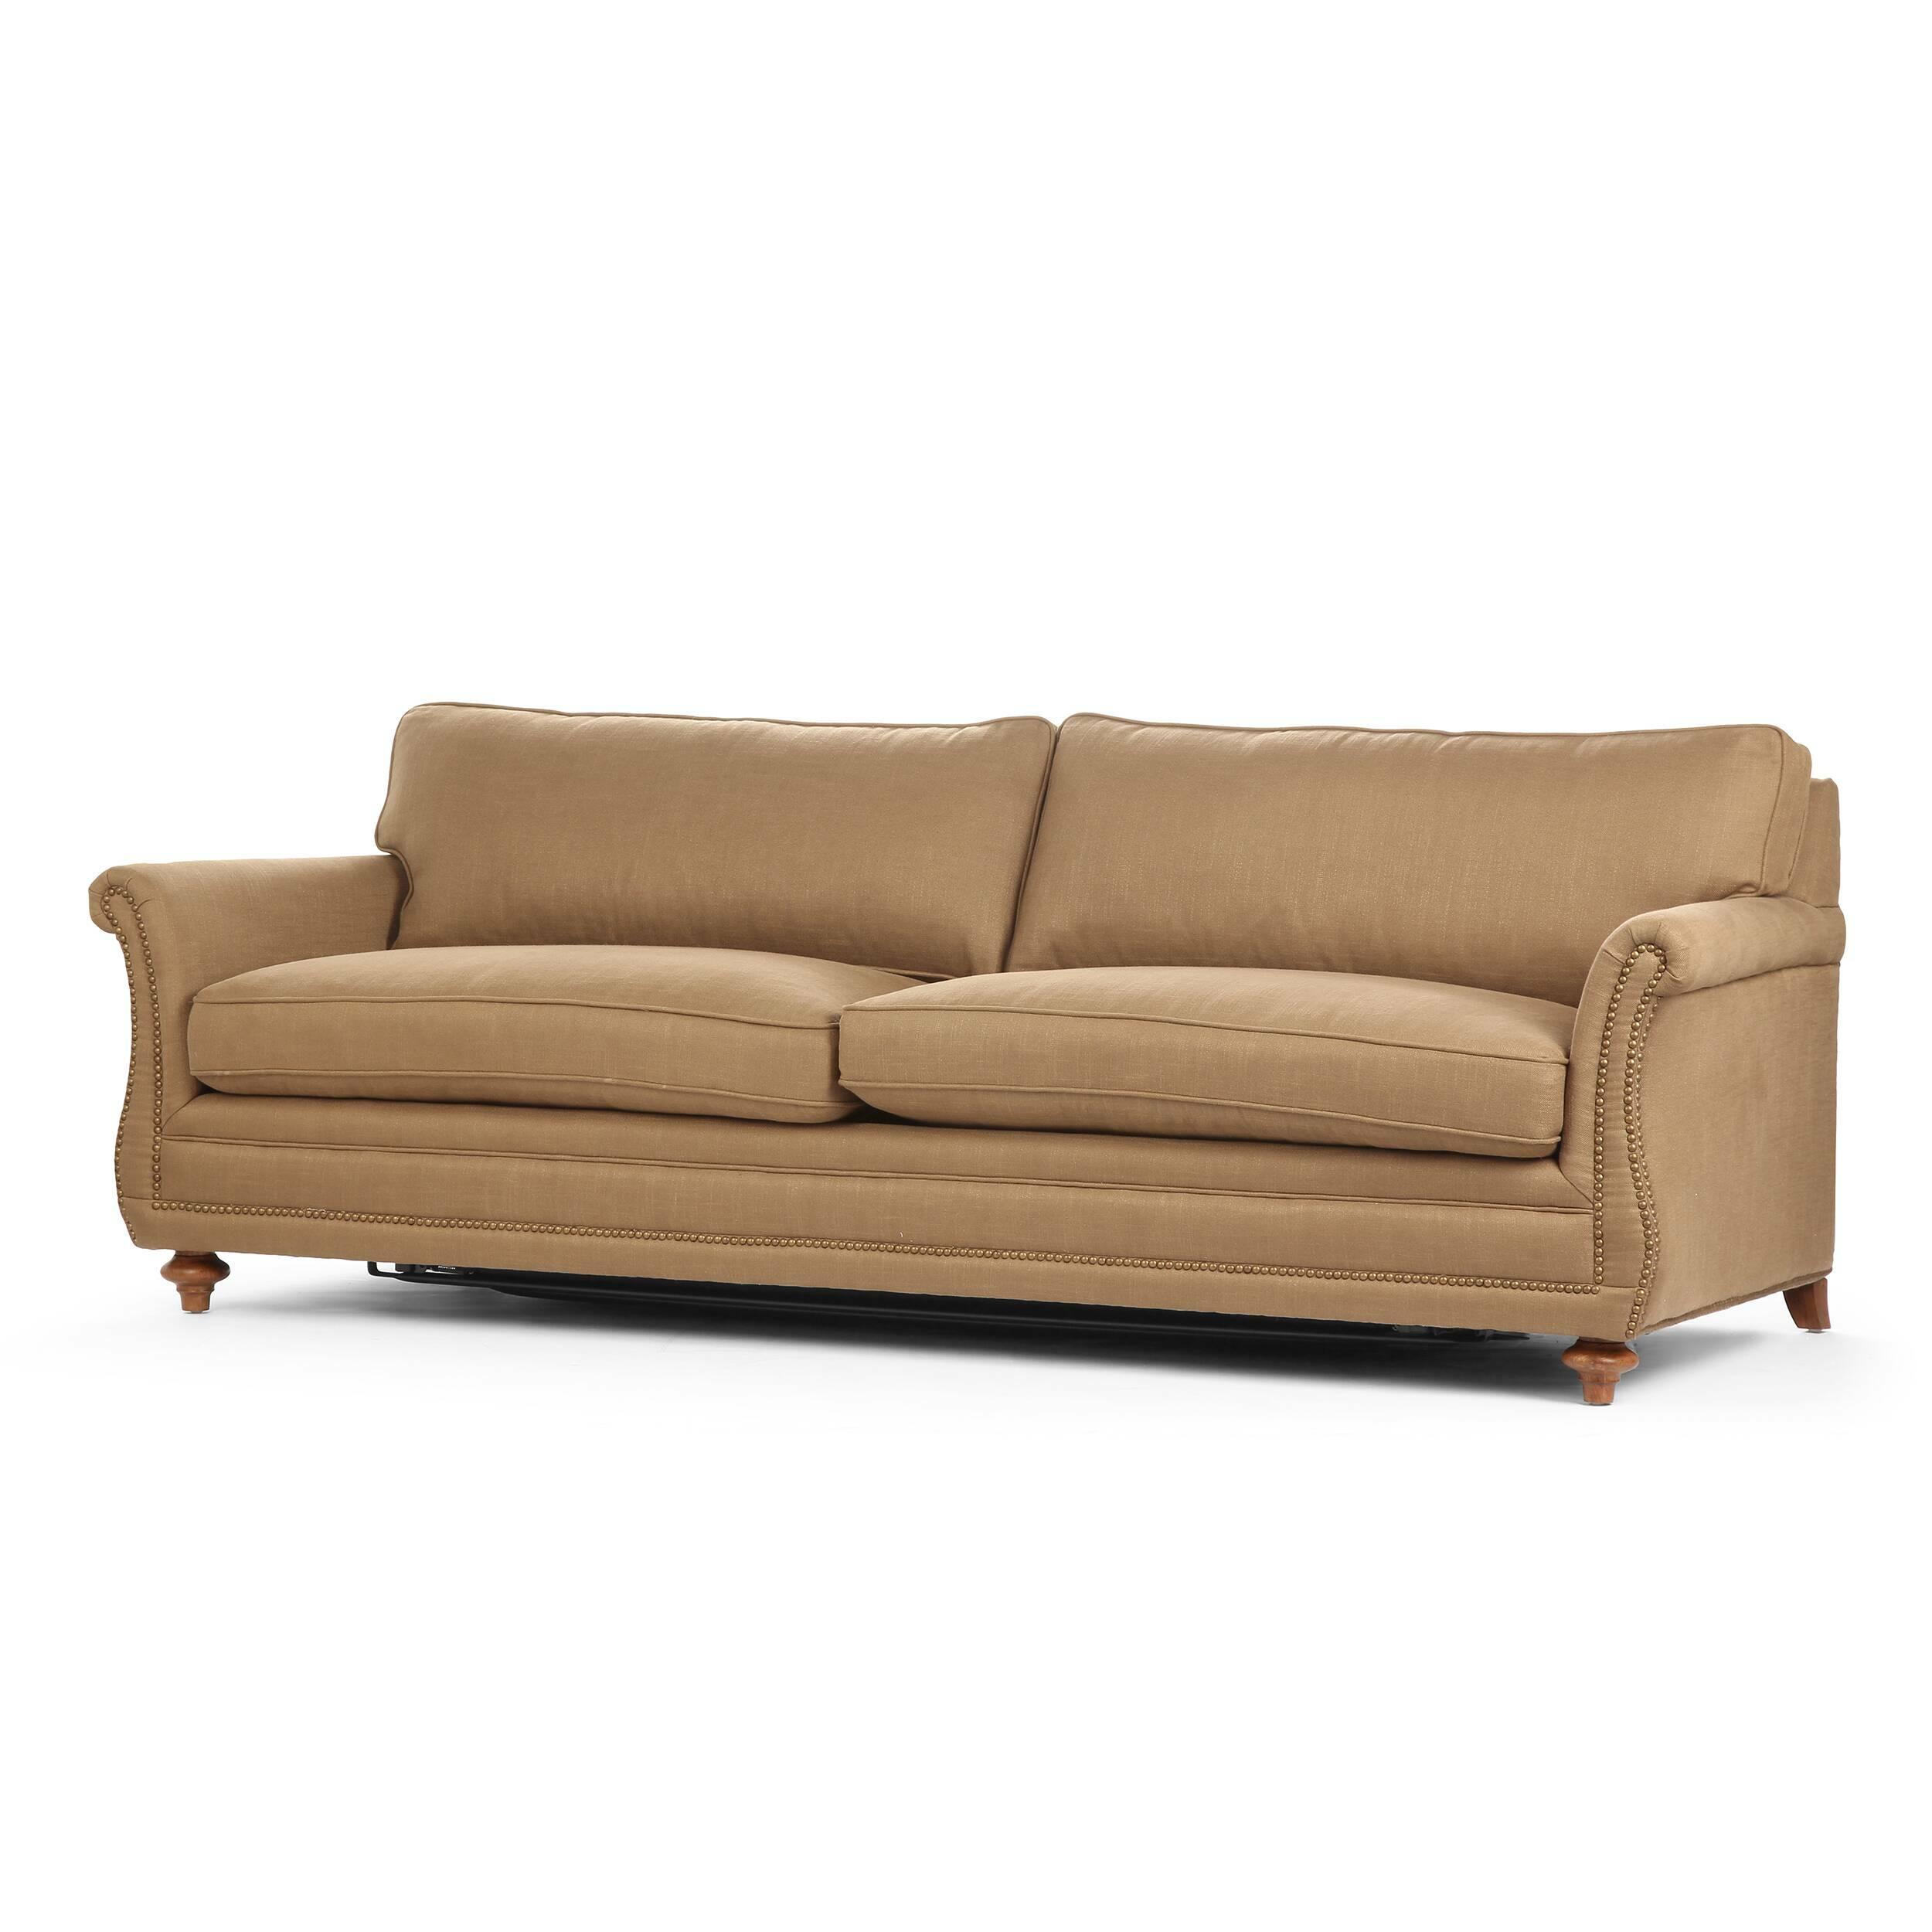 Диван BrayРаскладные<br>Дизайнерский коричневый раскладной диван Bray (Брэй) с тканевой обивкой на темно-коричневых ножках от Cosmo (Космо).<br> Классический стиль и приятное, легкое цветовое исполнение — диван Bray цепляет своим очевидным комфортом и ненавязчивой красотой. Удобные подлокотники дополняют необычайно комфортное сиденье и спинку, что в результате дает замечательную конструкцию, позволяющую вам с удобством устроиться как в рабочем офисе, так и в любимой гостиной комнате. Диван выполнен в однотонном форма...<br><br>stock: 7<br>Высота: 76<br>Высота сиденья: 55<br>Глубина: 100<br>Длина: 235<br>Цвет ножек: Дуб<br>Механизмы: Раскладной<br>Материал ножек: Массив дуба<br>Материал обивки: Лен, Полиэстер, Вискоза<br>Тип материала обивки: Ткань<br>Тип материала ножек: Дерево<br>Цвет обивки: Коричневый